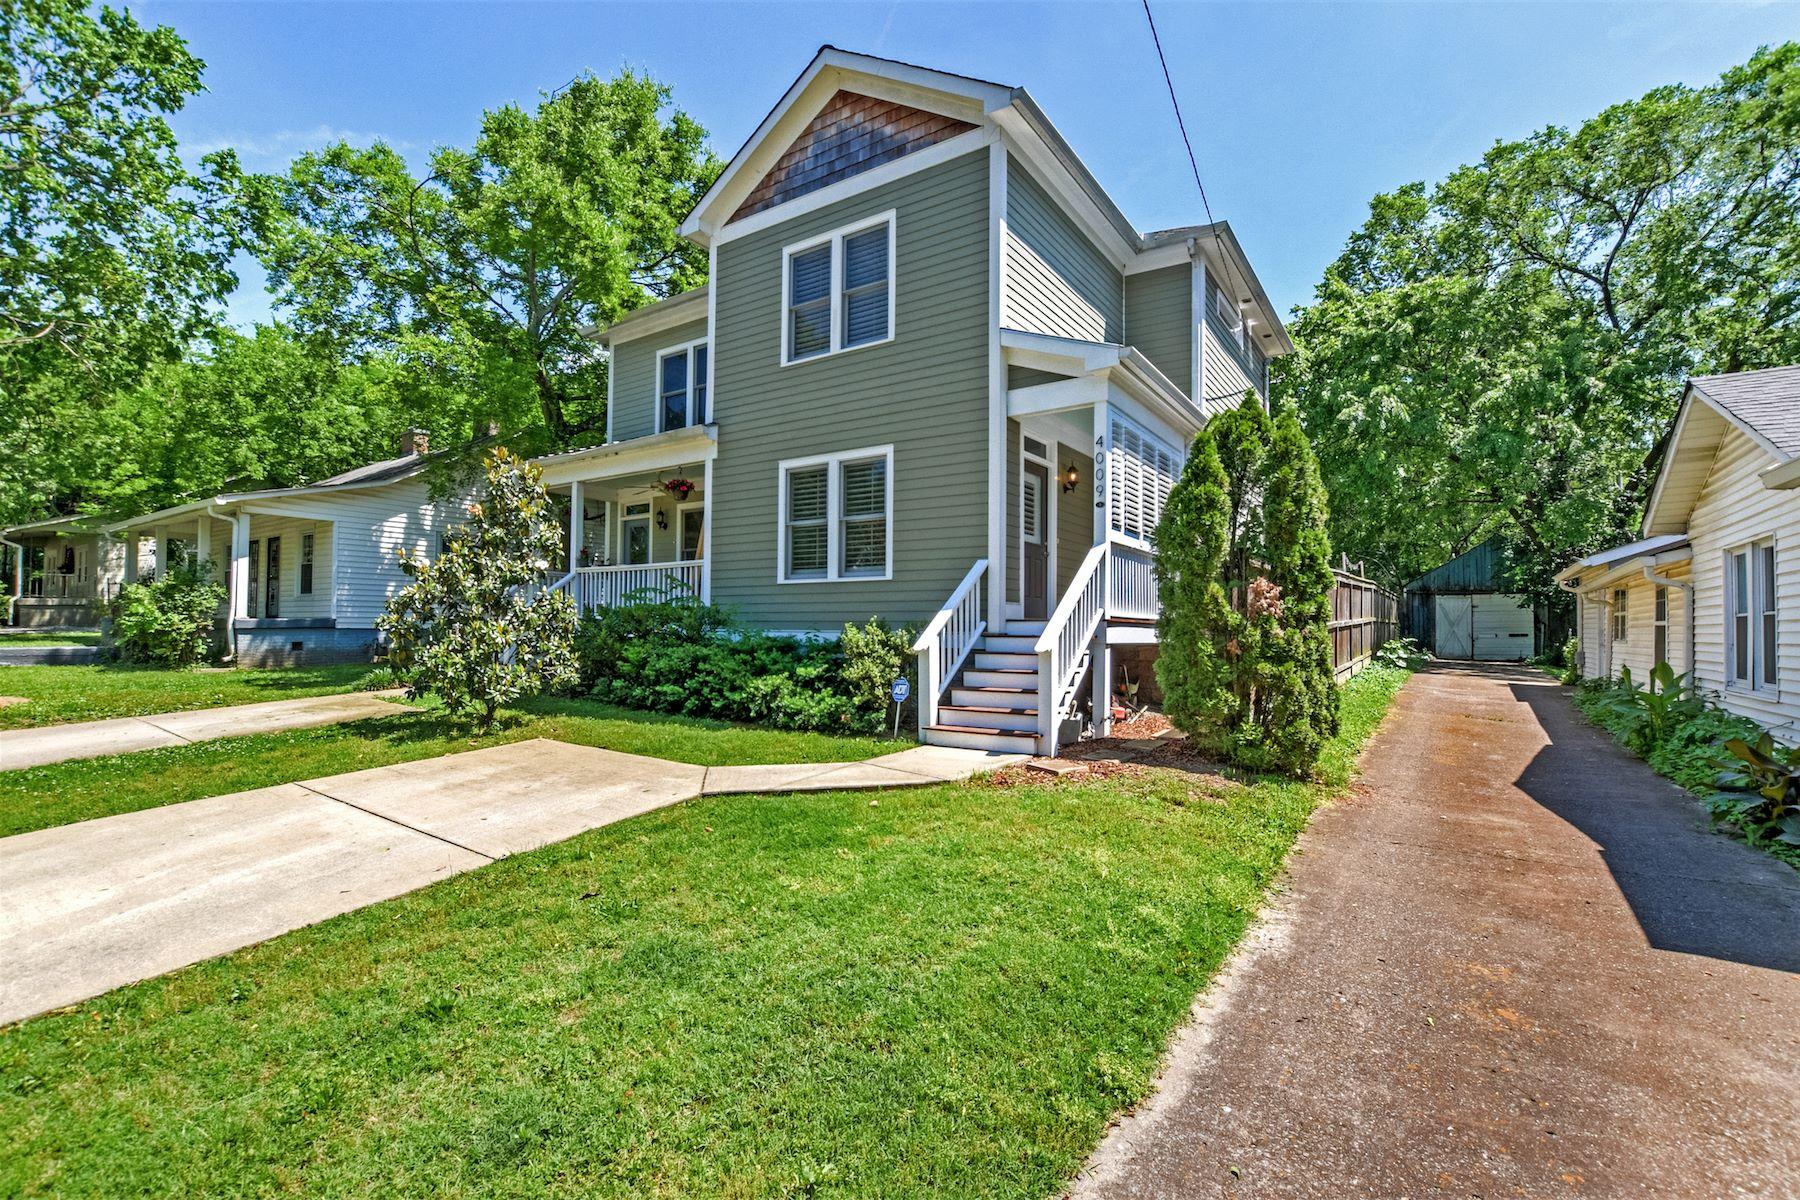 Eigentumswohnung für Verkauf beim Beautiful Home in Sylvan Heights 4009B Nevada Avenue Sylvan Heights, Nashville, Tennessee, 37209 South, Vereinigte Staaten